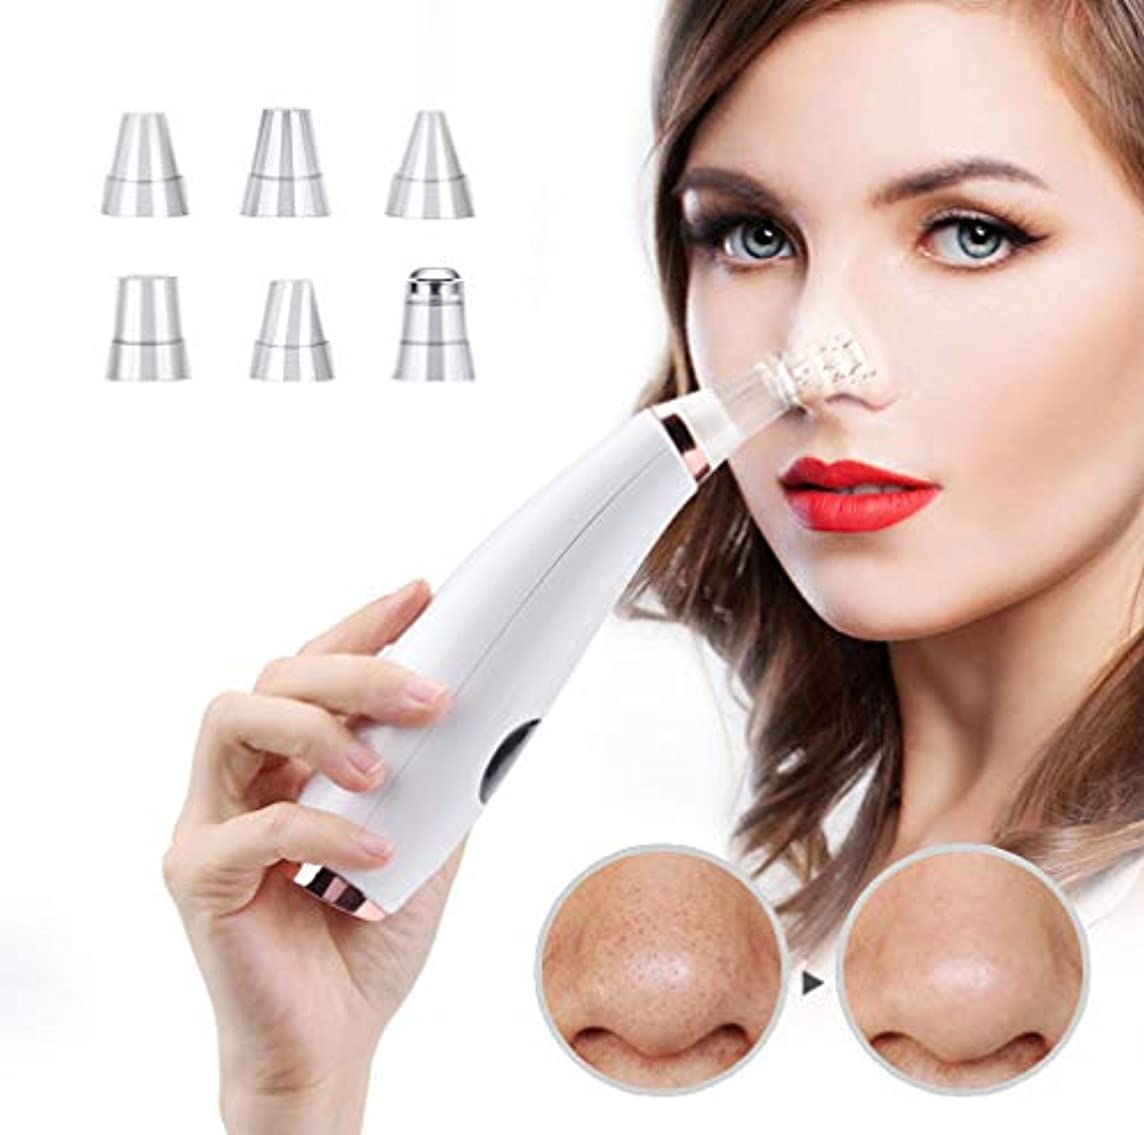 高度な対処する取り出す6に1ブラックヘッドリムーバー真空ツール美容顔とスキンケアにきび治療ツール用男性女性顔クリーナー吸引電気デバイス